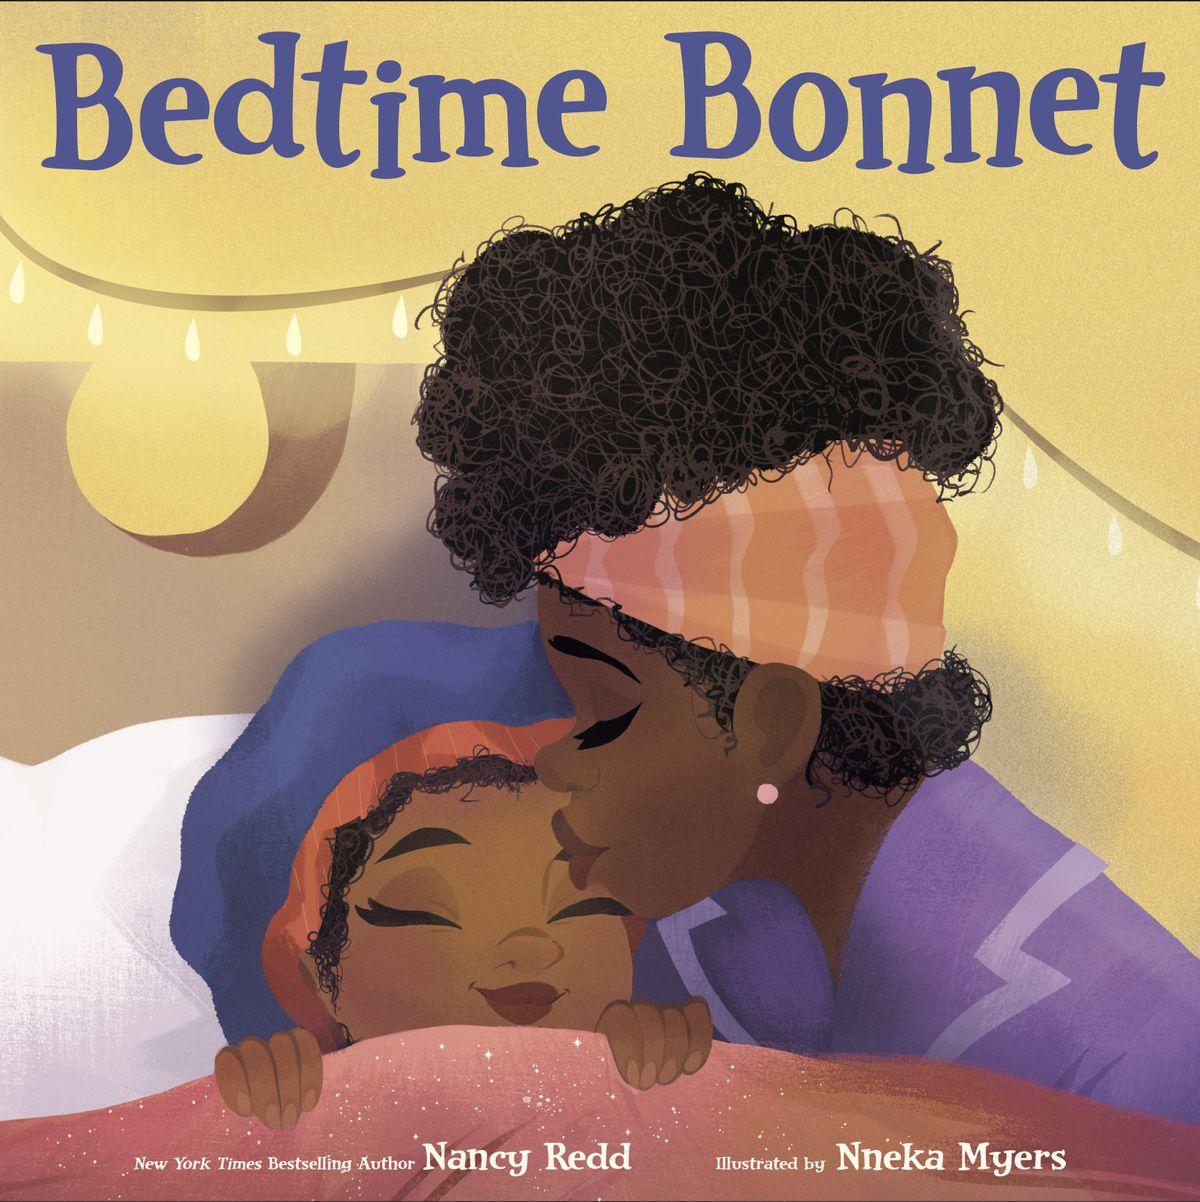 bedtime-bonnet